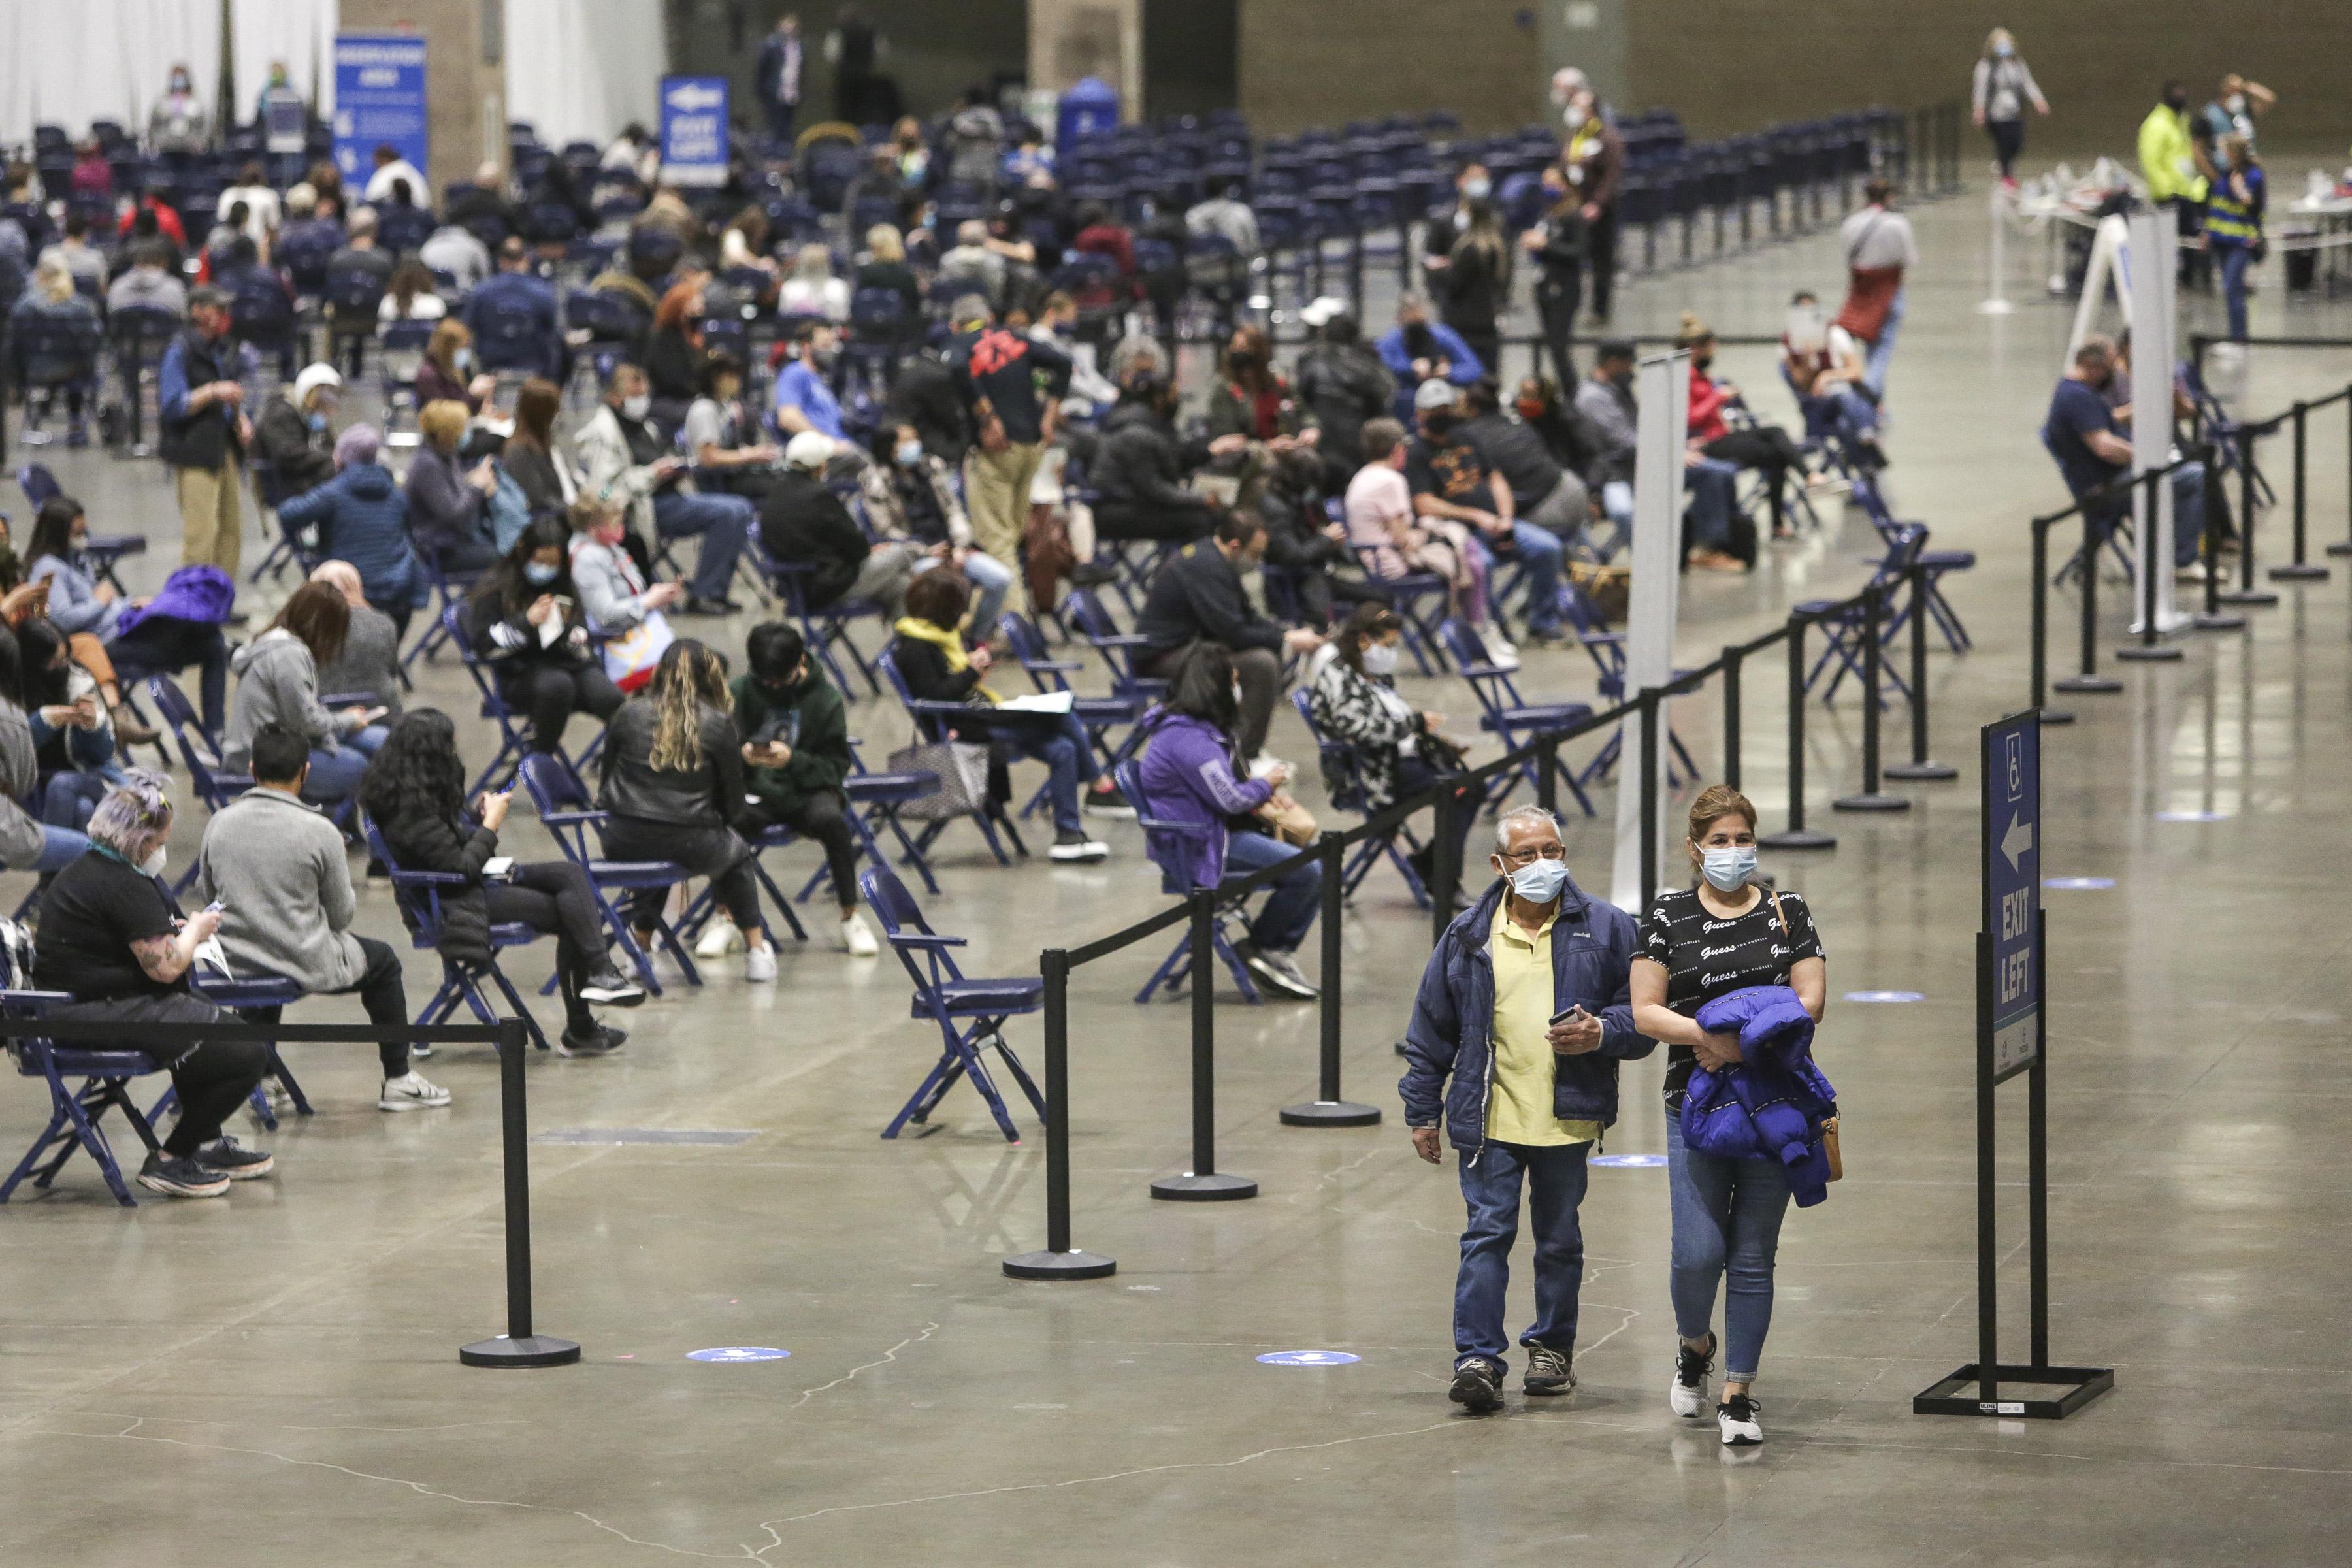 Las personas parten después de recibir la vacuna Pfizer Covid-19 durante el día de apertura del sitio de vacunación comunitaria, una colaboración entre la ciudad de Seattle, First & amp; Goal Inc. y Swedish Health Services en el Lumen Field Event Center en Seattle, Washington, el 13 de marzo de 2021.